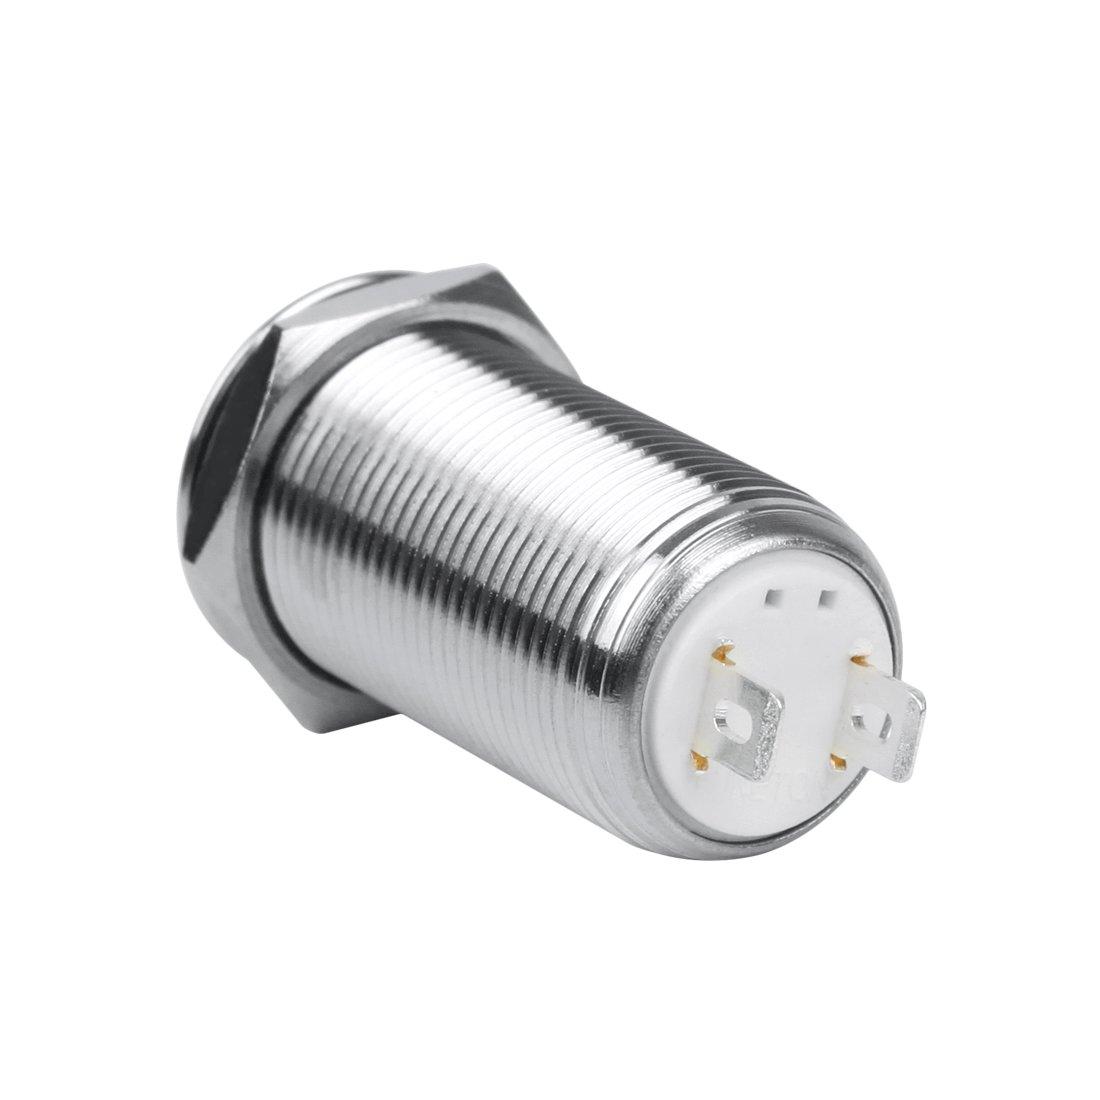 Larcele 5x Imperm/éable Interrupteurs /à Bouton-Poussoir Metal DIY /électriques Bouton-poussoir Commutateur jsankg-01 Non-momentan/é,16mm